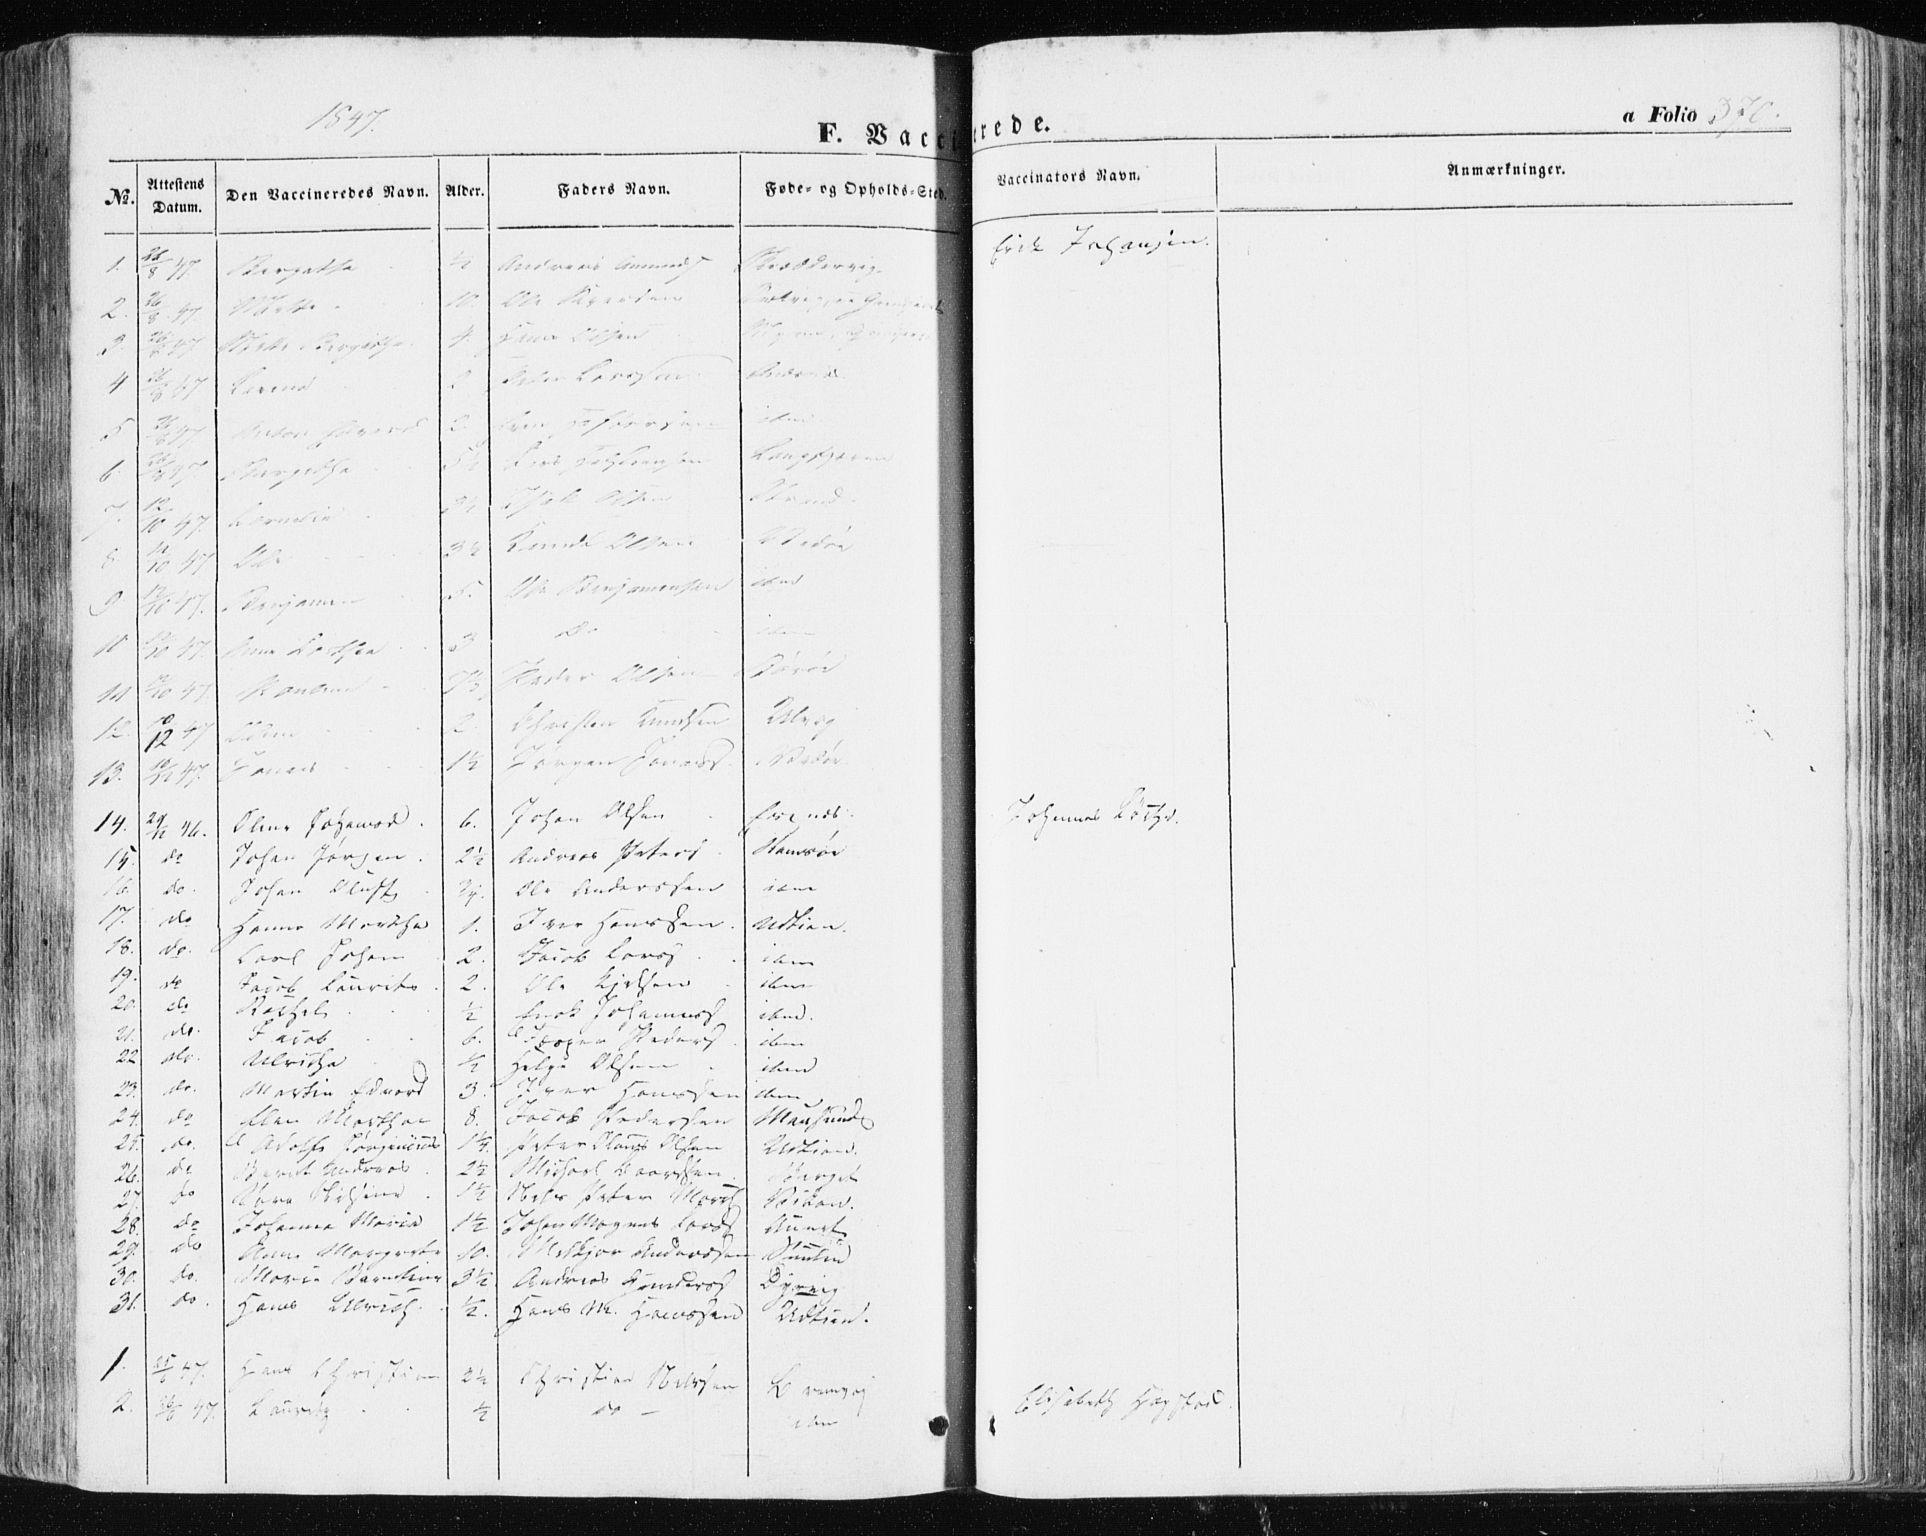 SAT, Ministerialprotokoller, klokkerbøker og fødselsregistre - Sør-Trøndelag, 634/L0529: Ministerialbok nr. 634A05, 1843-1851, s. 370